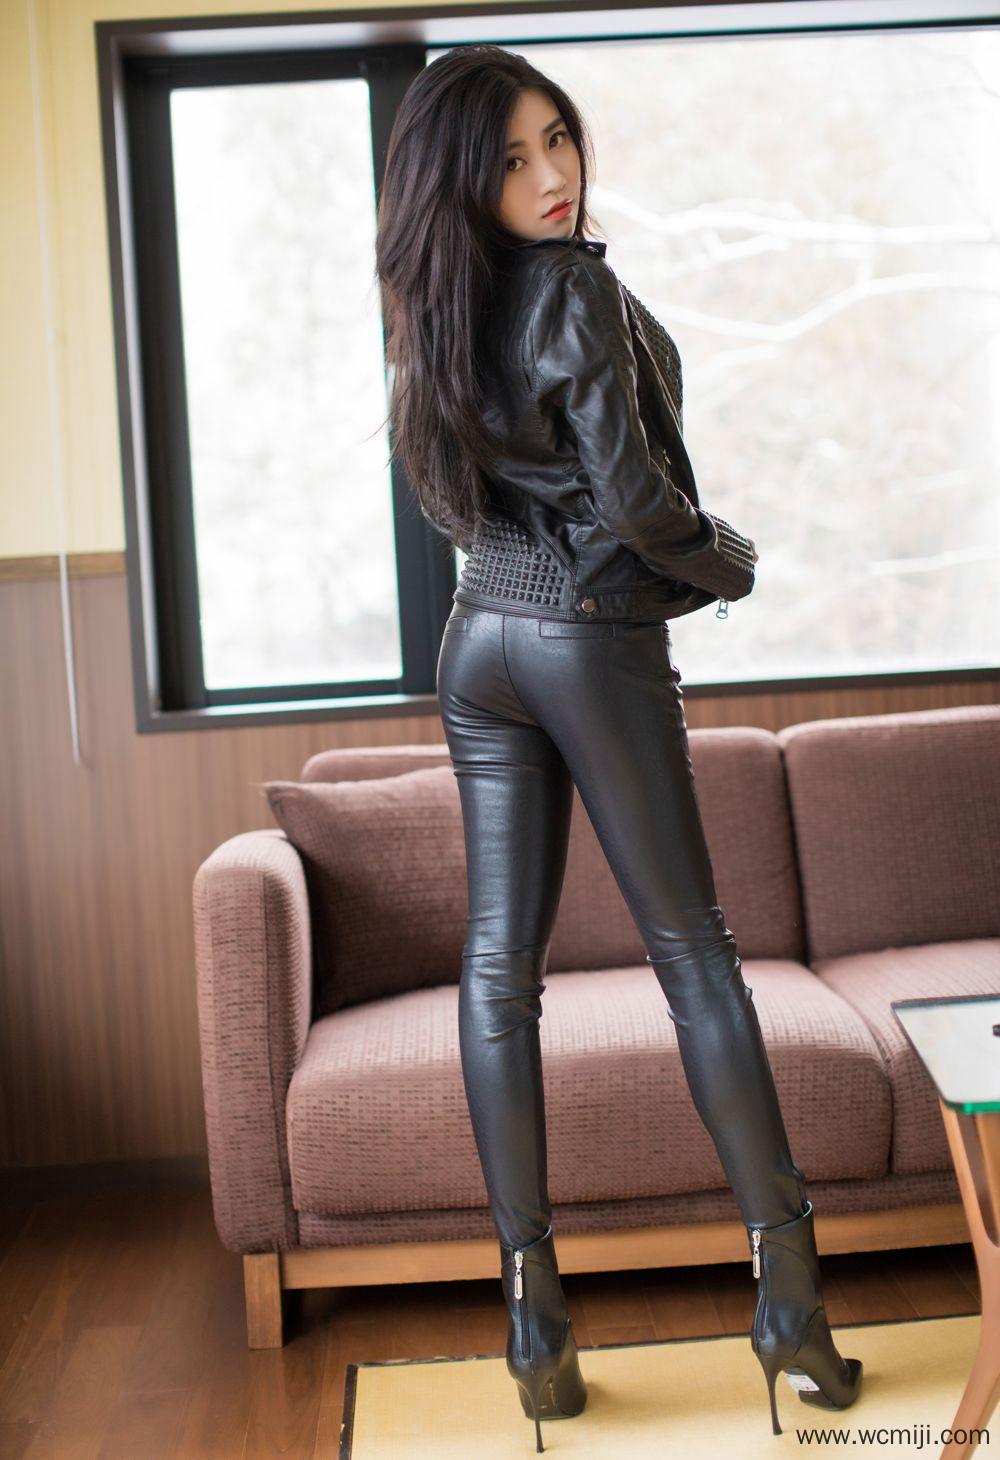 【写真集】【美女】高跟美女皮衣皮裤包臀裙勾魂人体艺术图片【30P】 X丝玉足